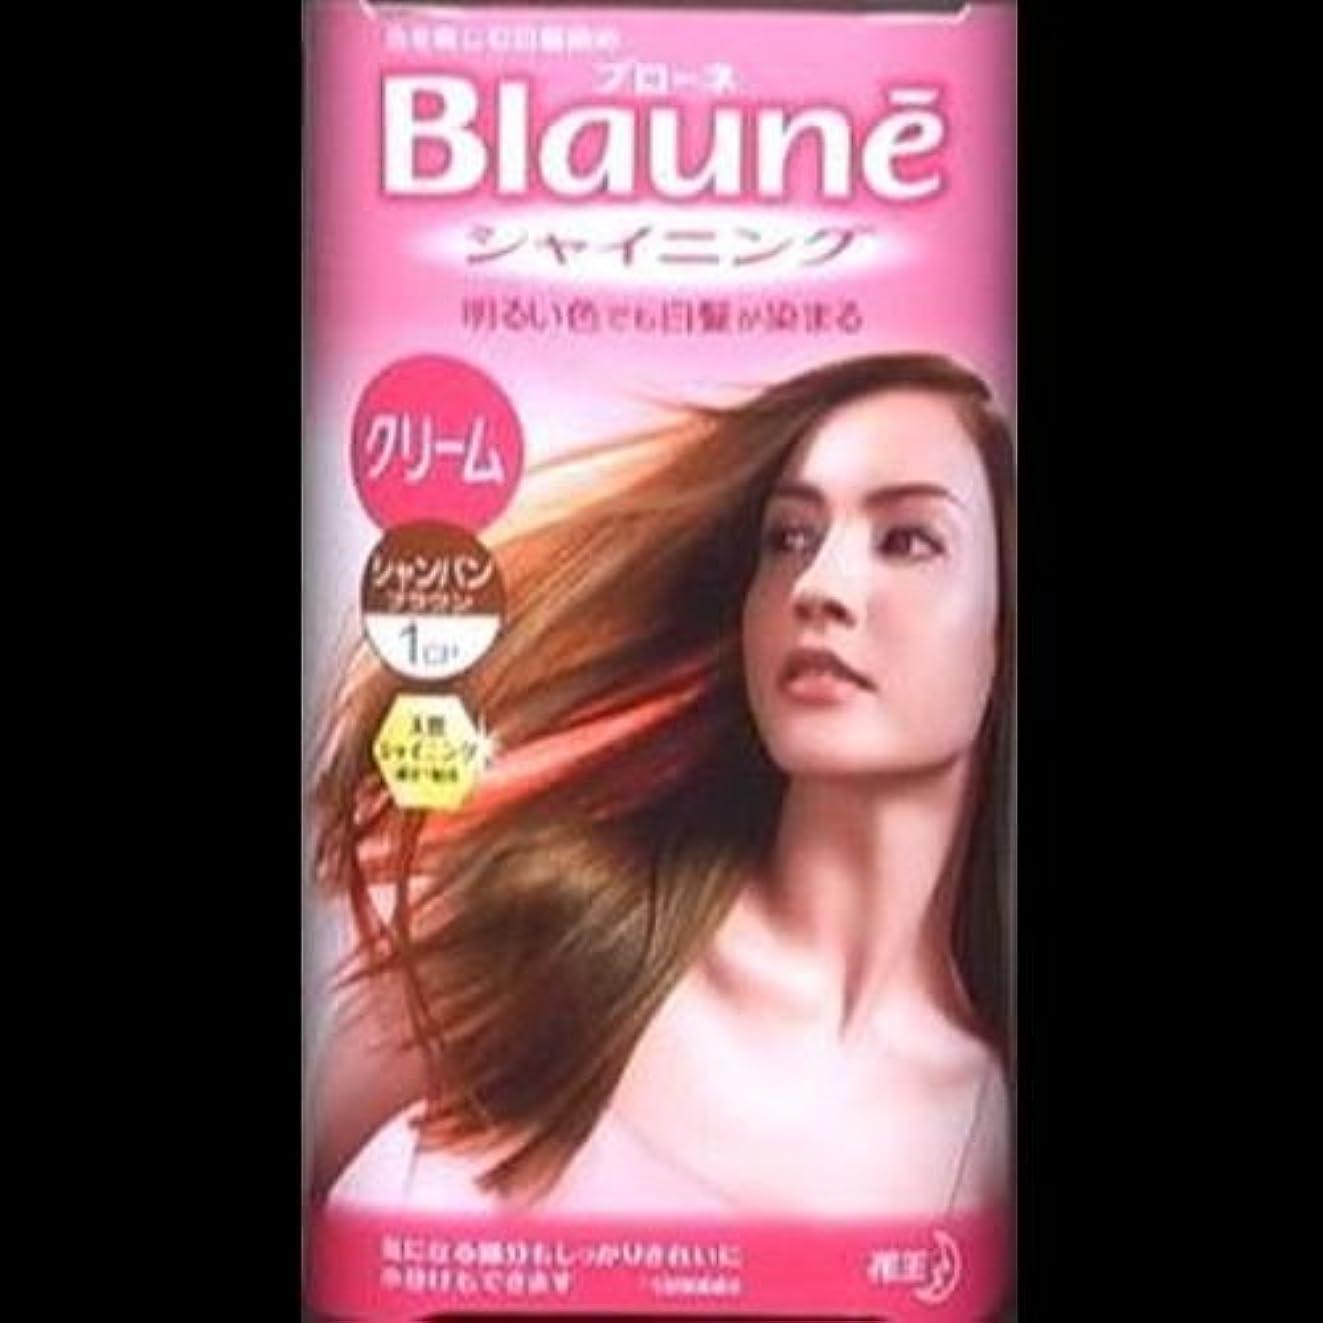 息を切らして周りいらいらさせる【まとめ買い】ブローネシャイニングヘアカラークリーム 1CP シャンパンブラウン ×2セット